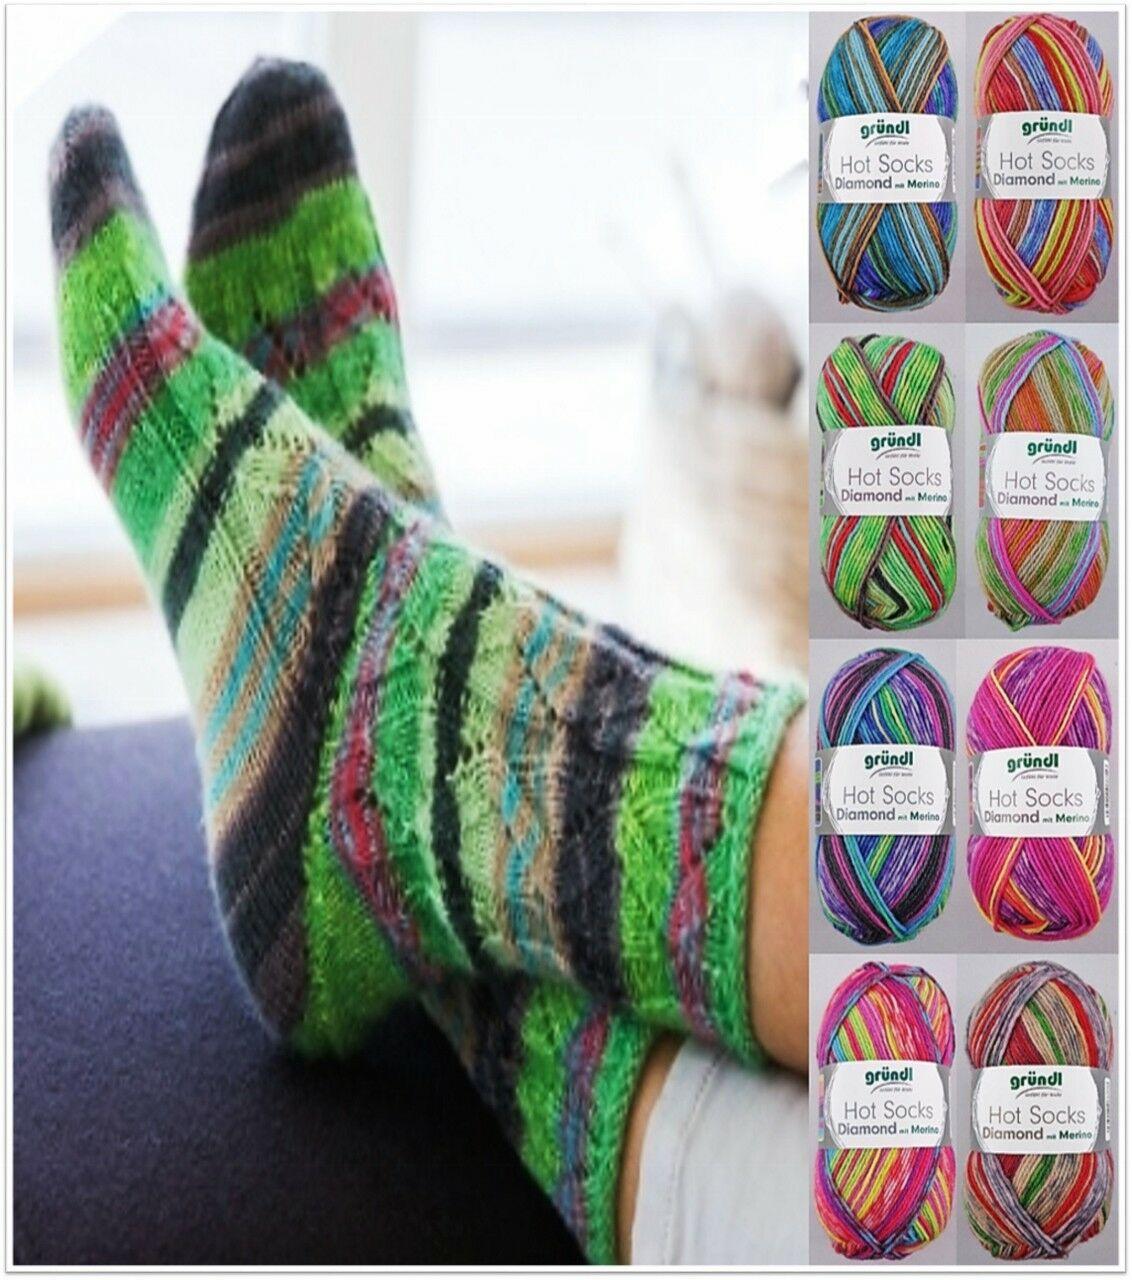 50g Sockenwolle mit Kaschmir und Merino 7,98€//100g Gründl Hot Socks Pearl color